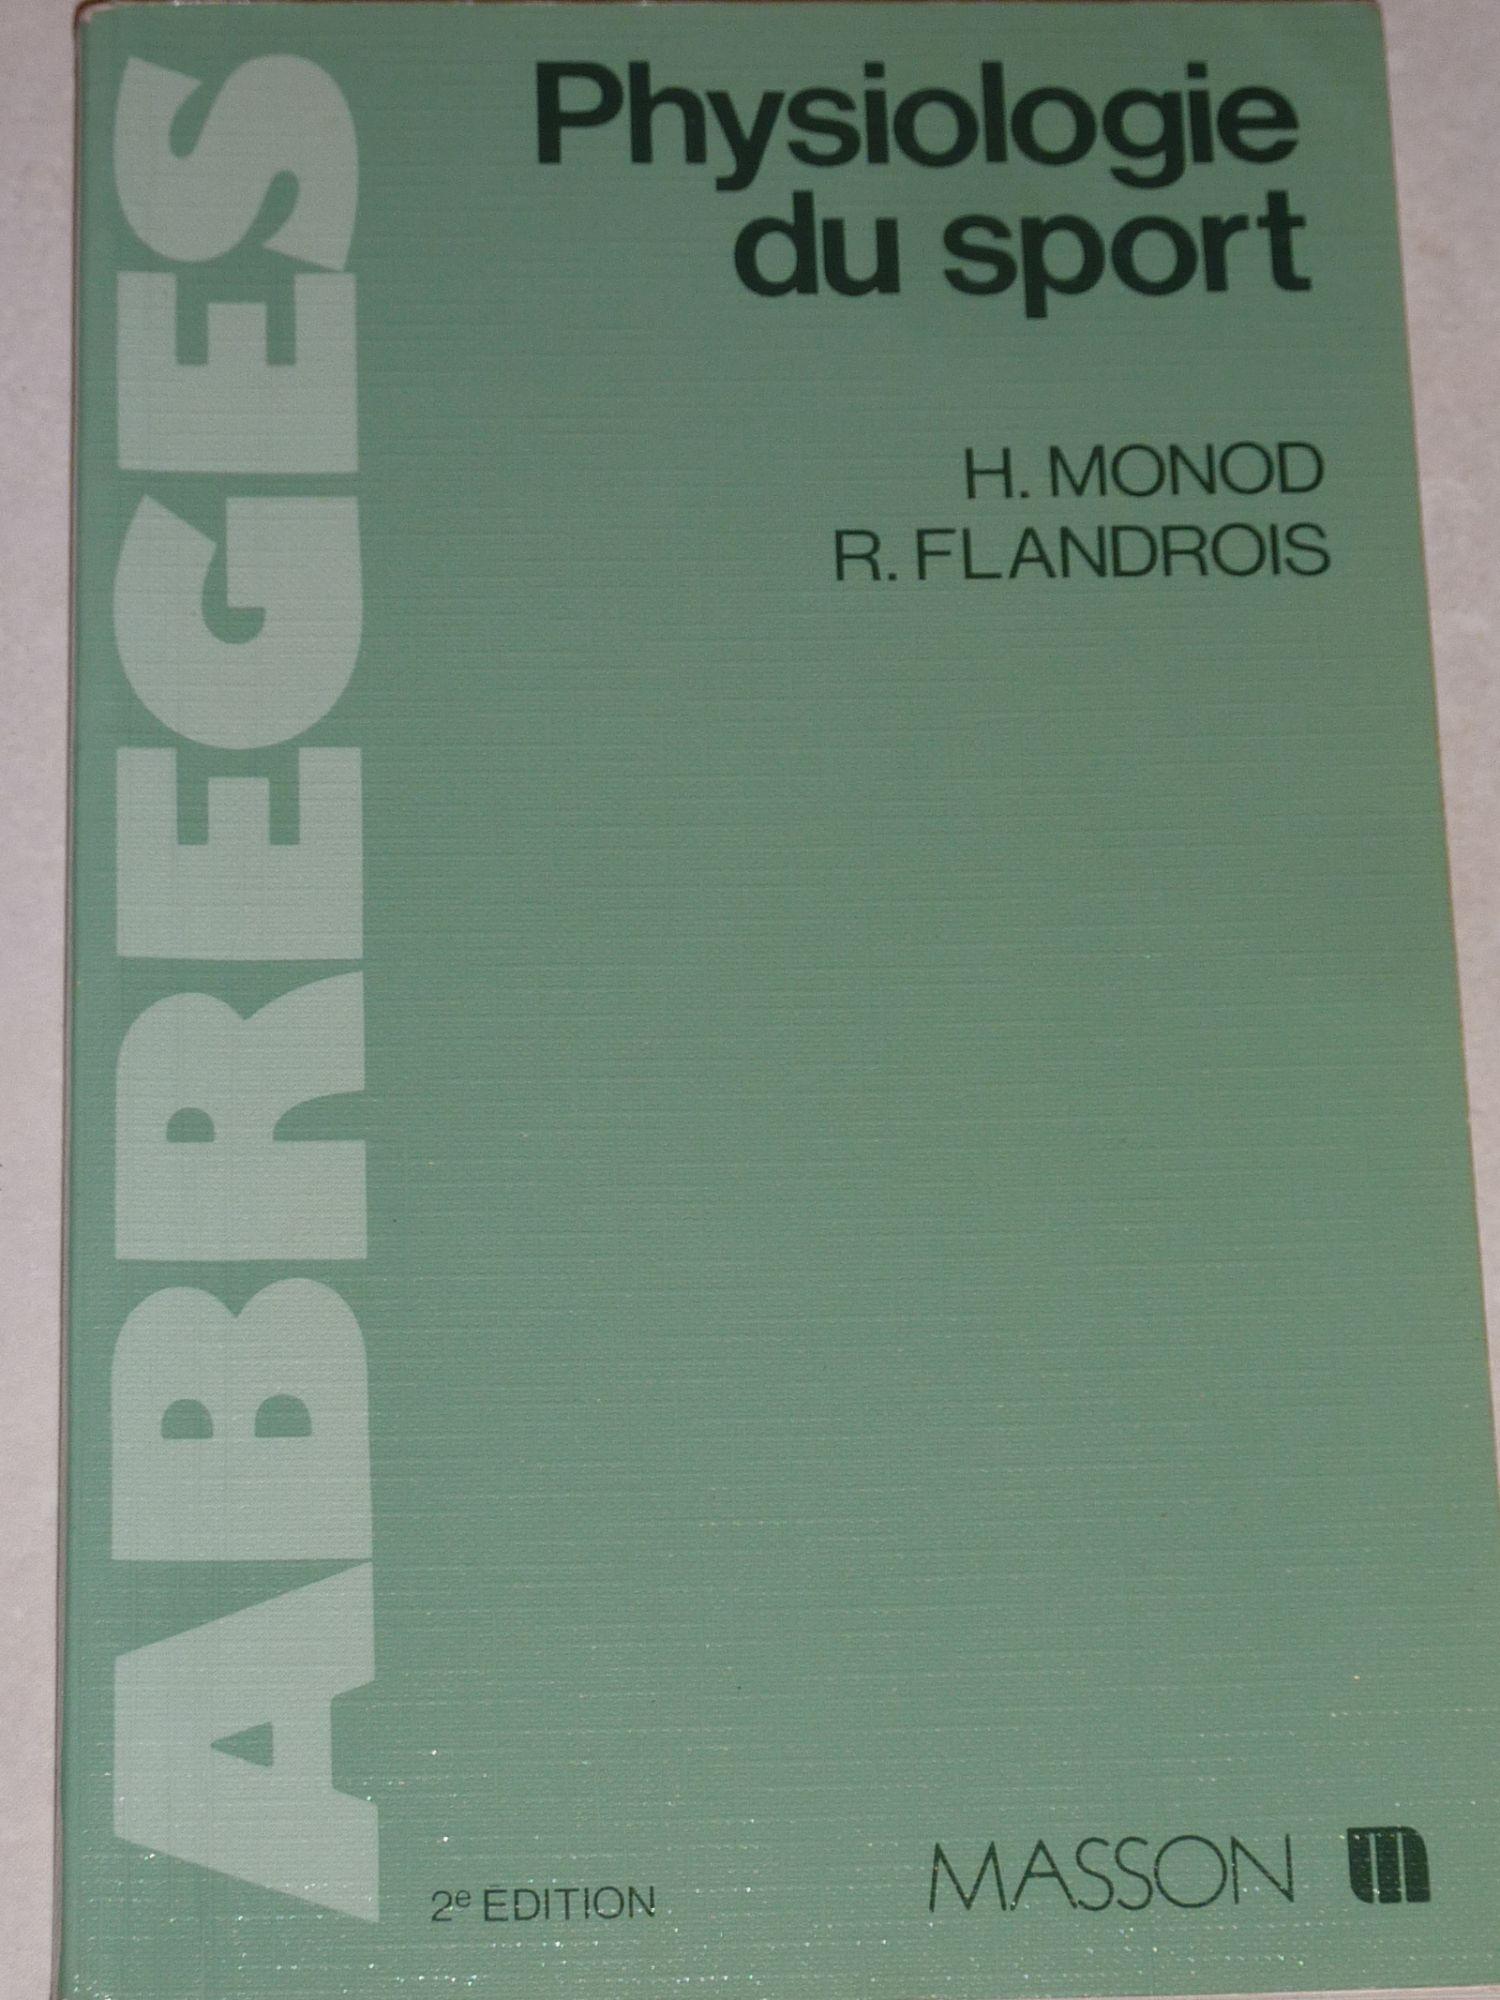 Physiologie du sport - Bases physiologiques des activités physiques et sportives